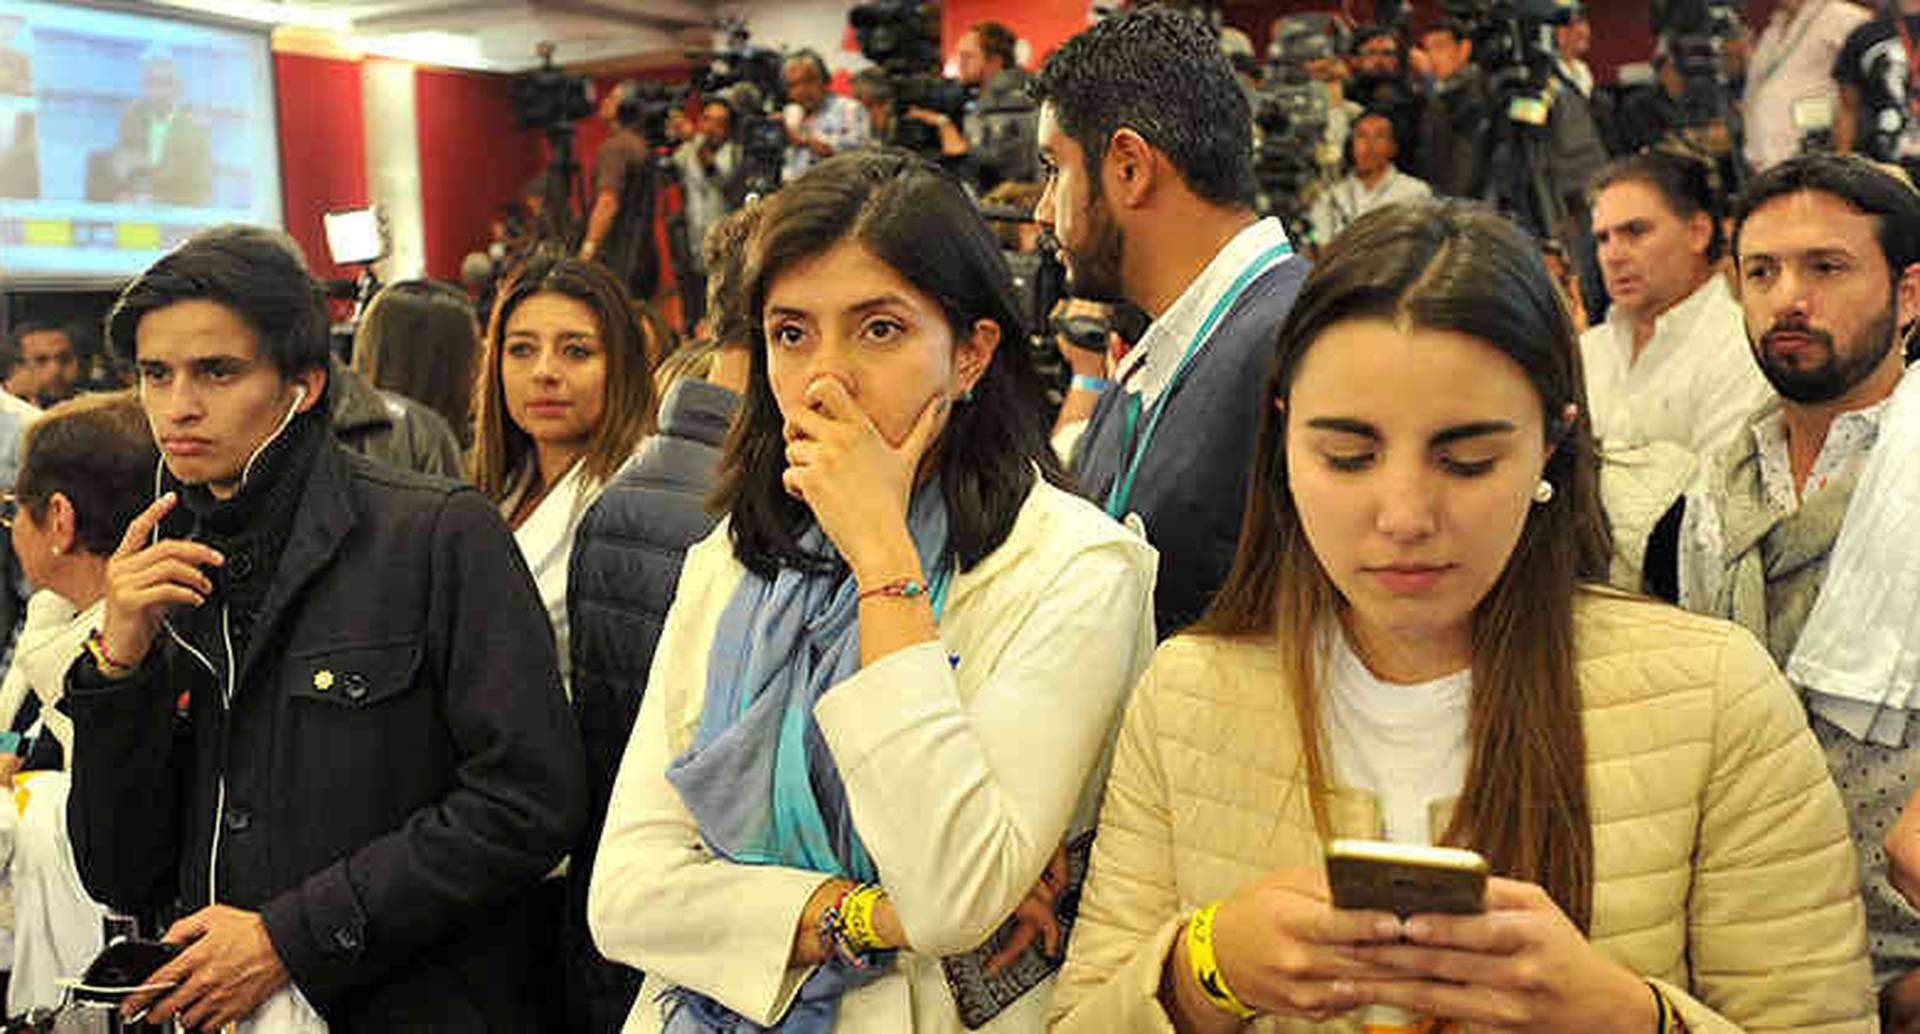 Los simpatizantes del Sí en los diferentes escenarios, reciben la noticia con desilusión. Foto: Daniel Reina.